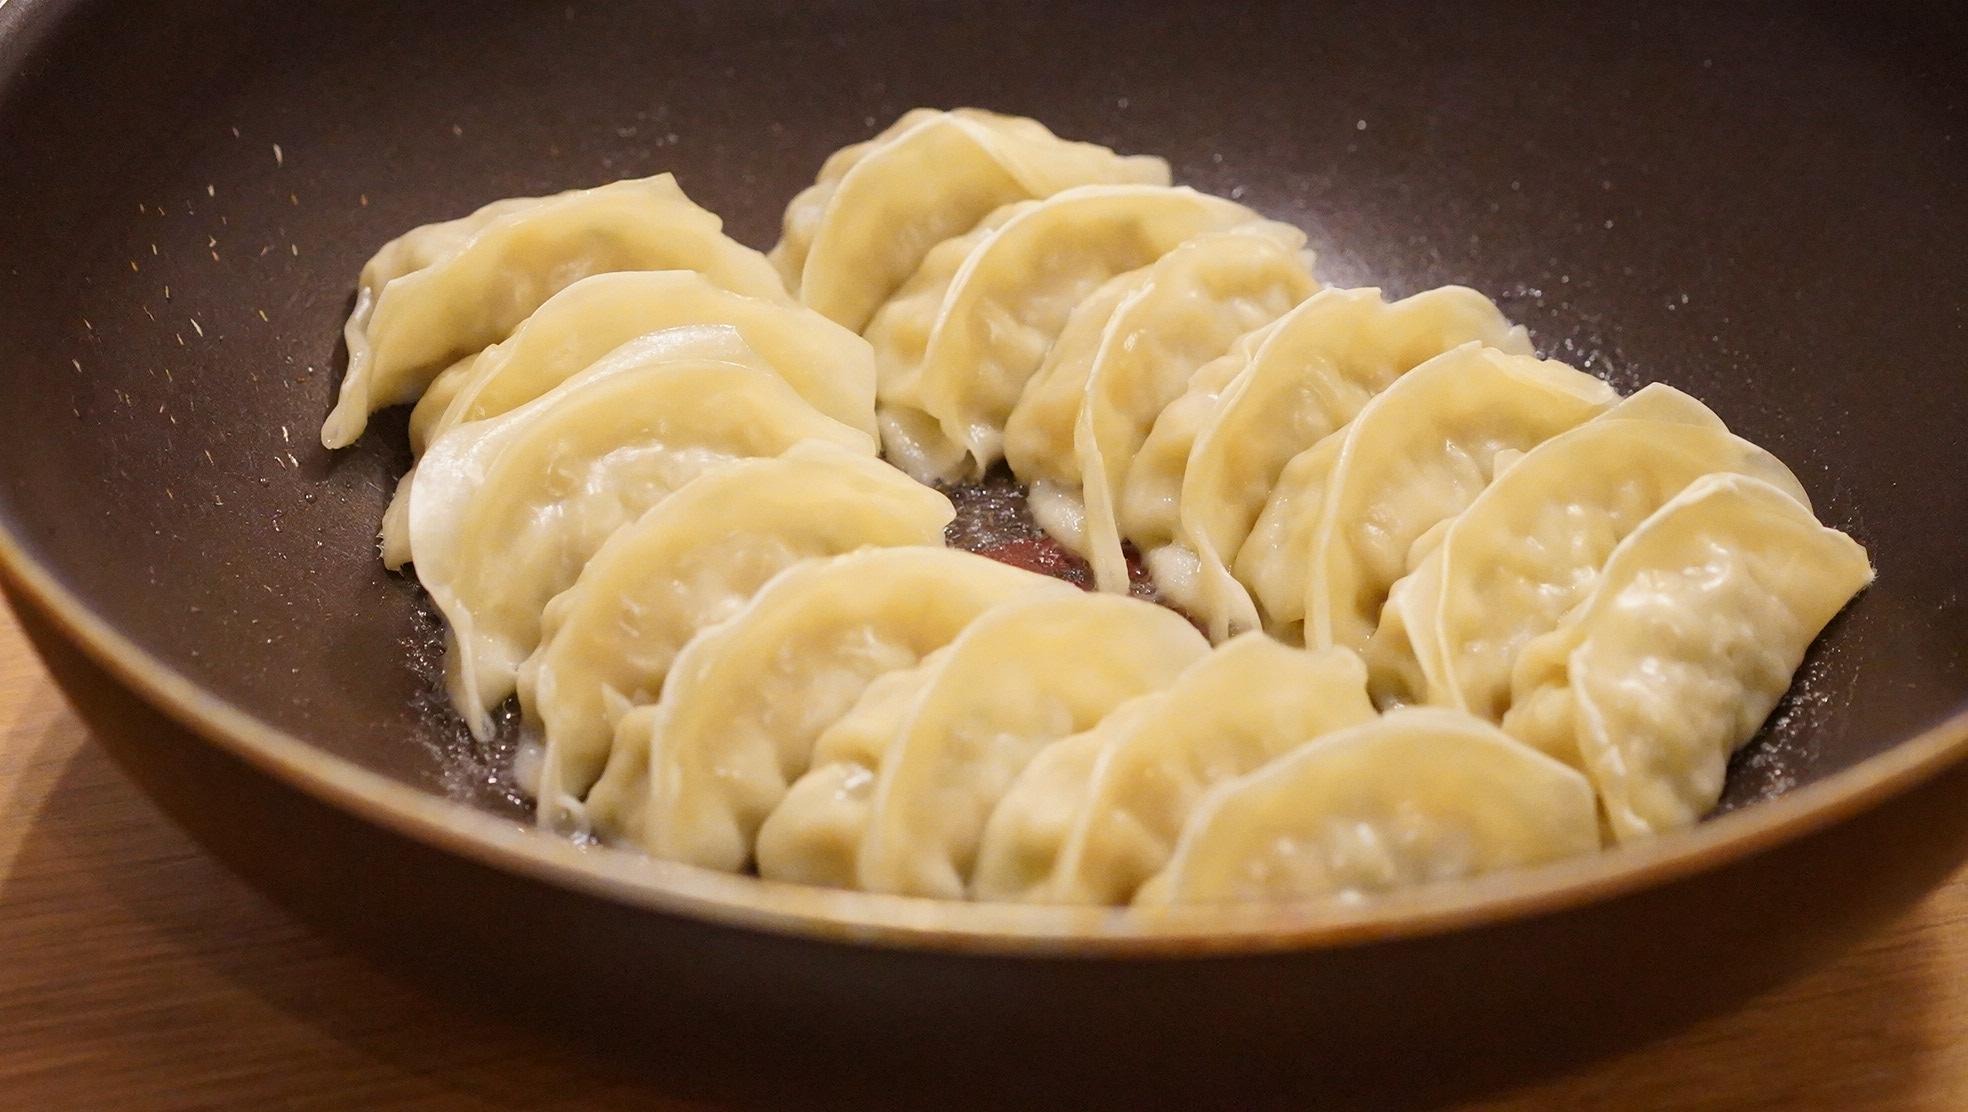 コストコのおすすめ冷凍食品「餃子計画冷凍生餃子」をフライパンで焼いている写真